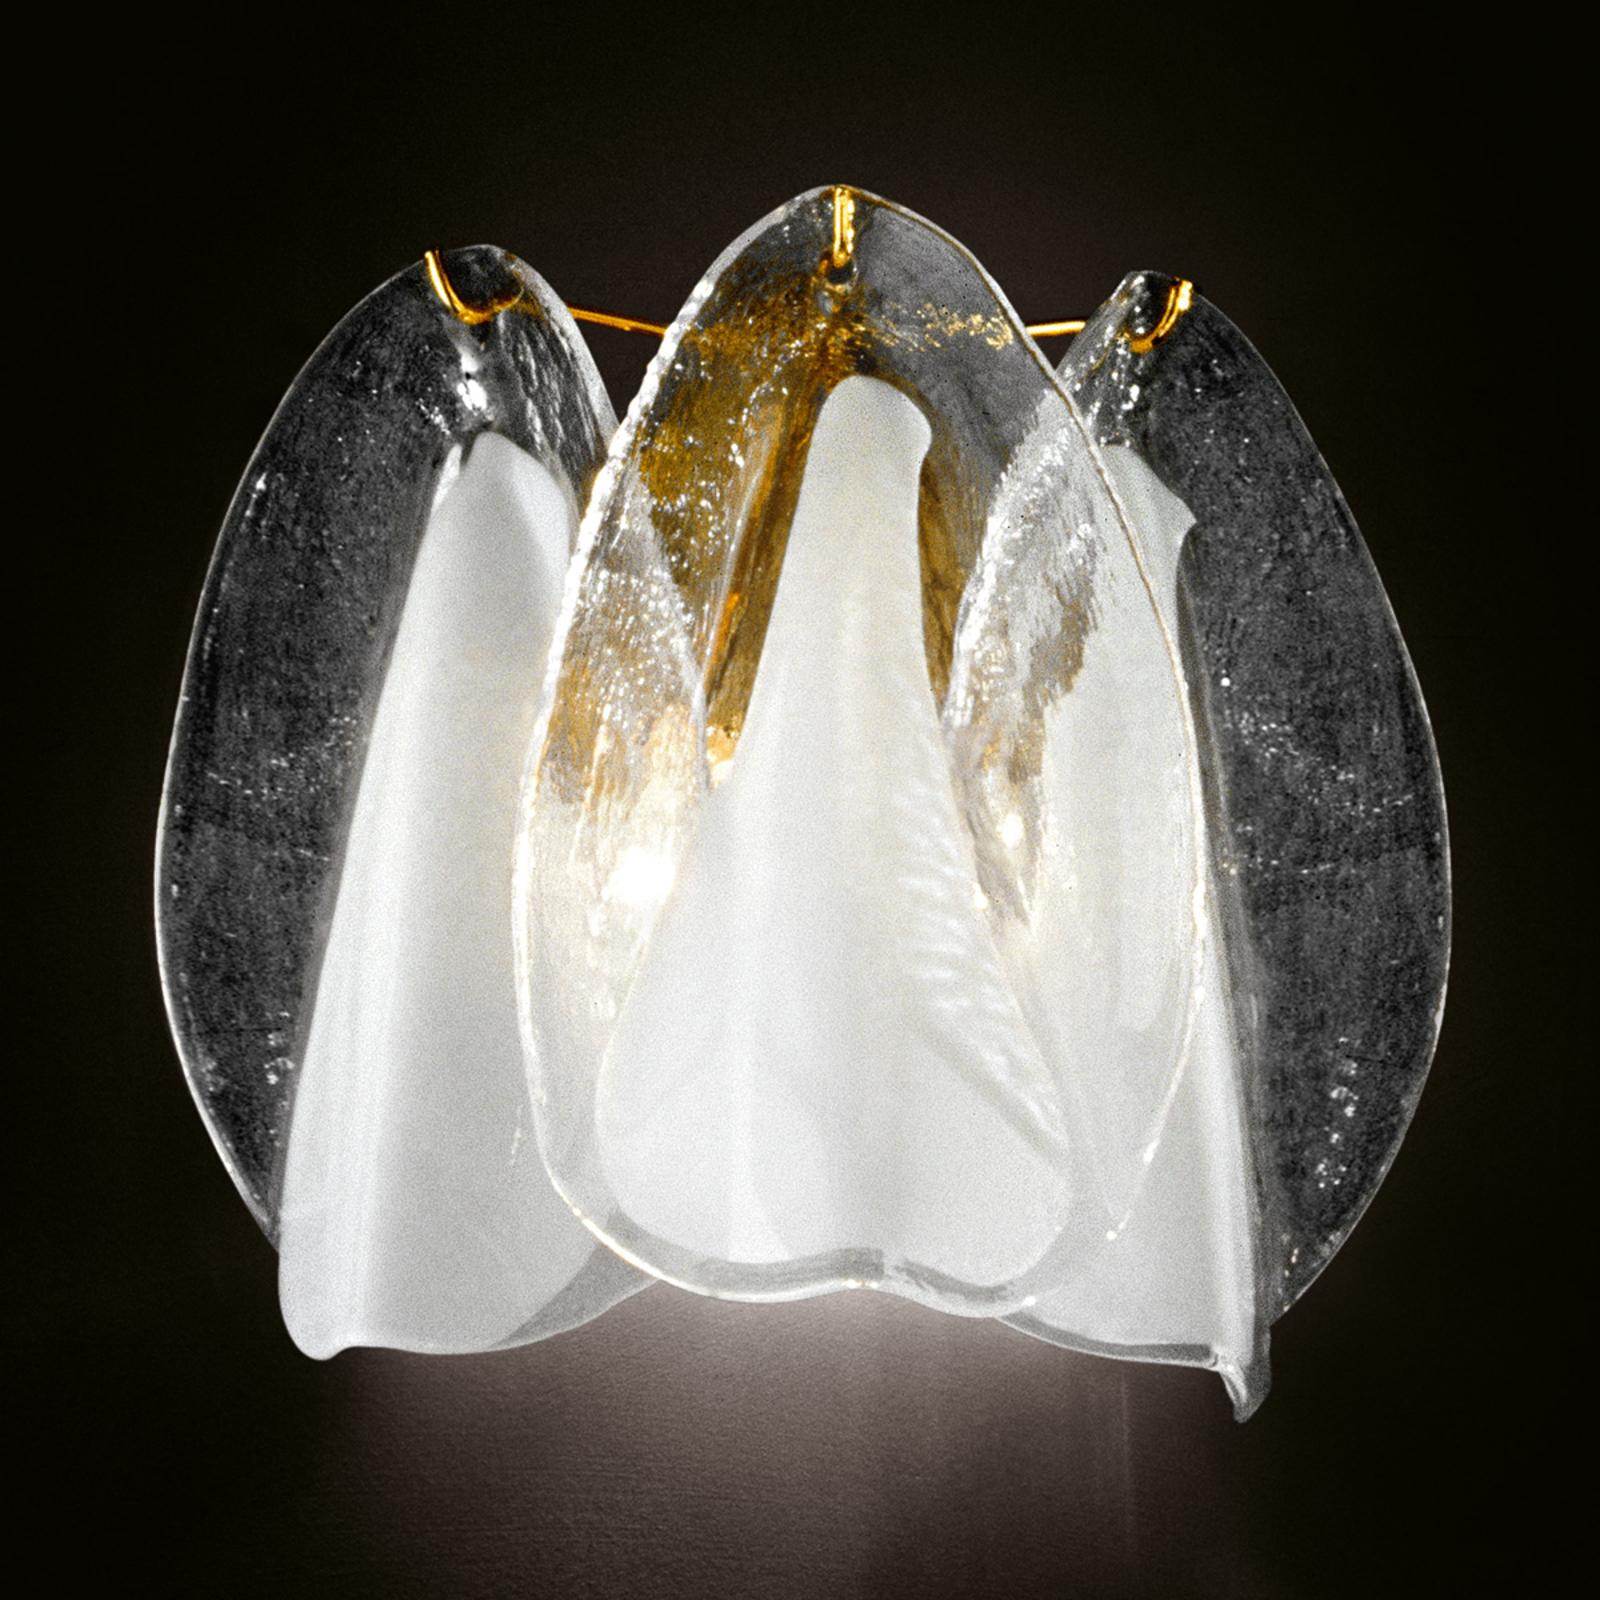 Lasiseinävalaisin Rondini, sis. 24 karaatin kultaa